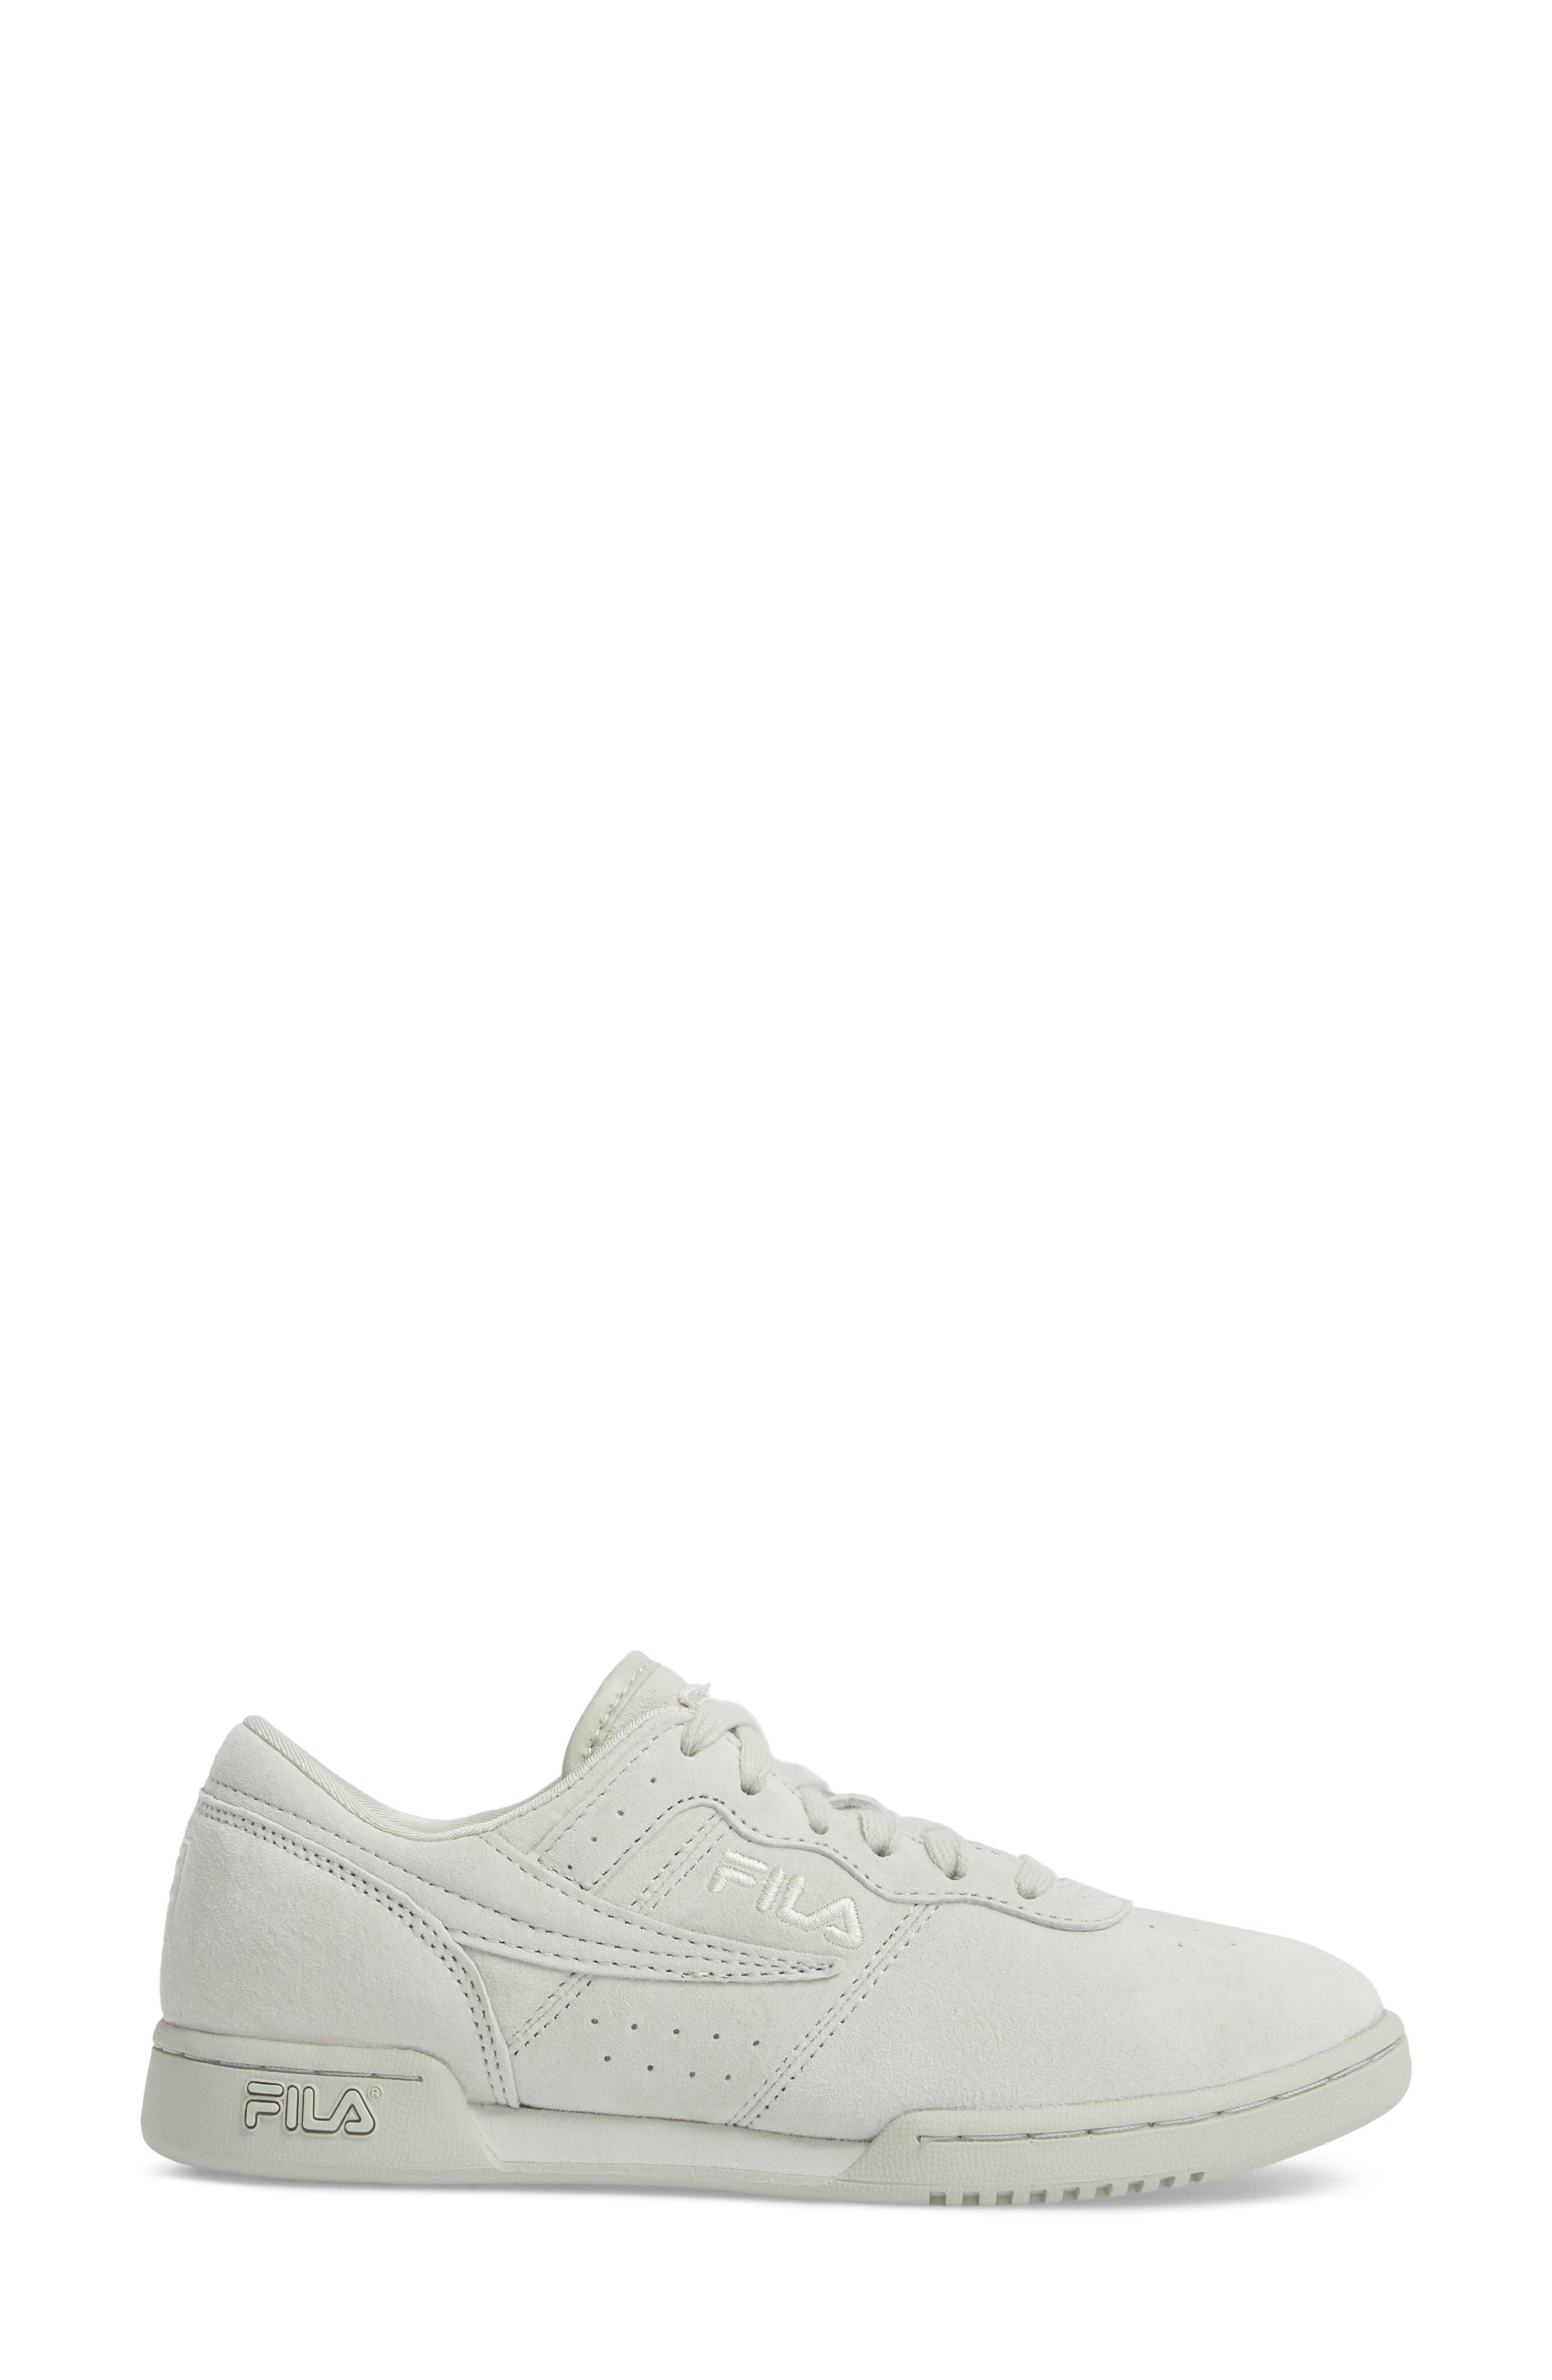 Original Fitness Premium Sneaker,                             Alternate thumbnail 3, color,                             050